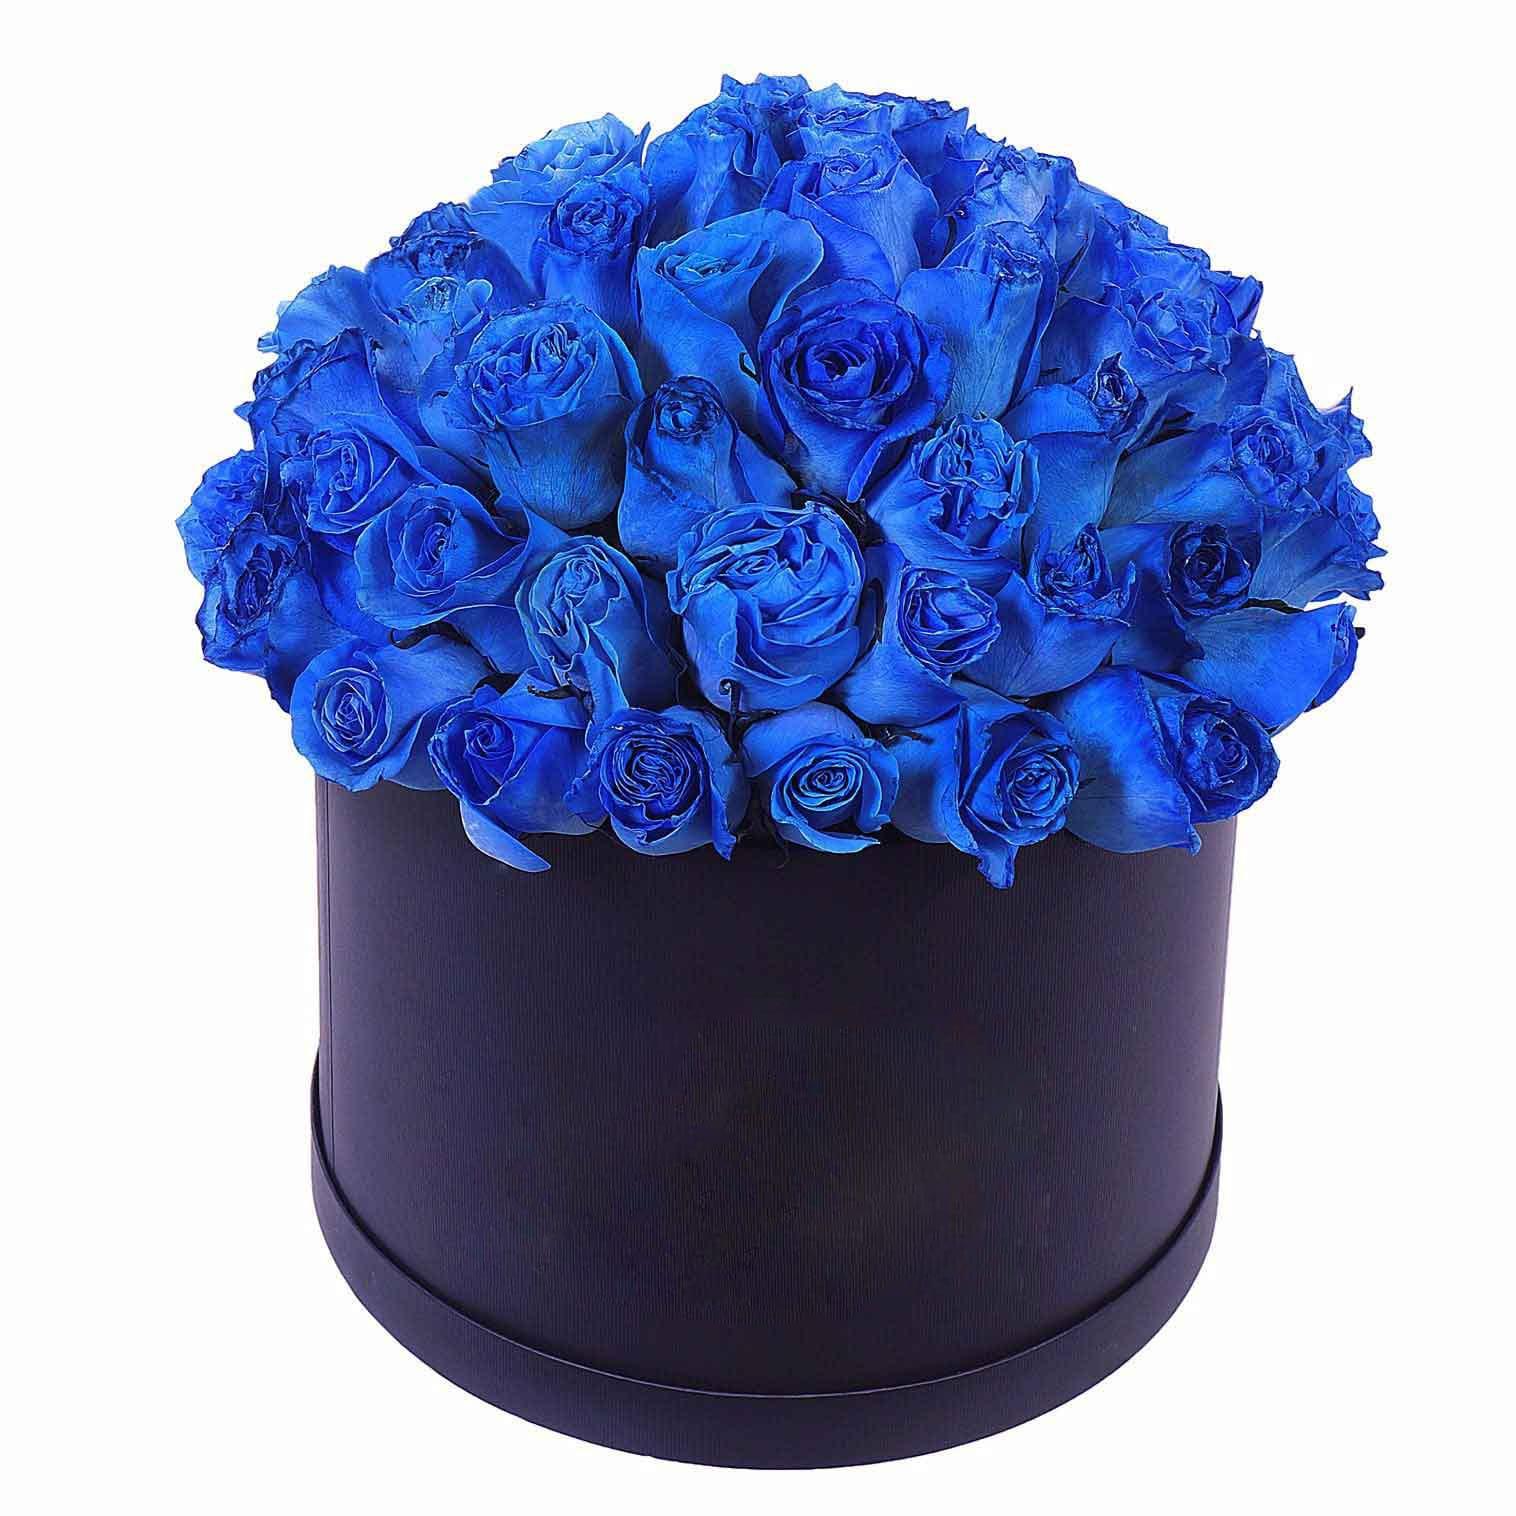 Картинки с синими розами